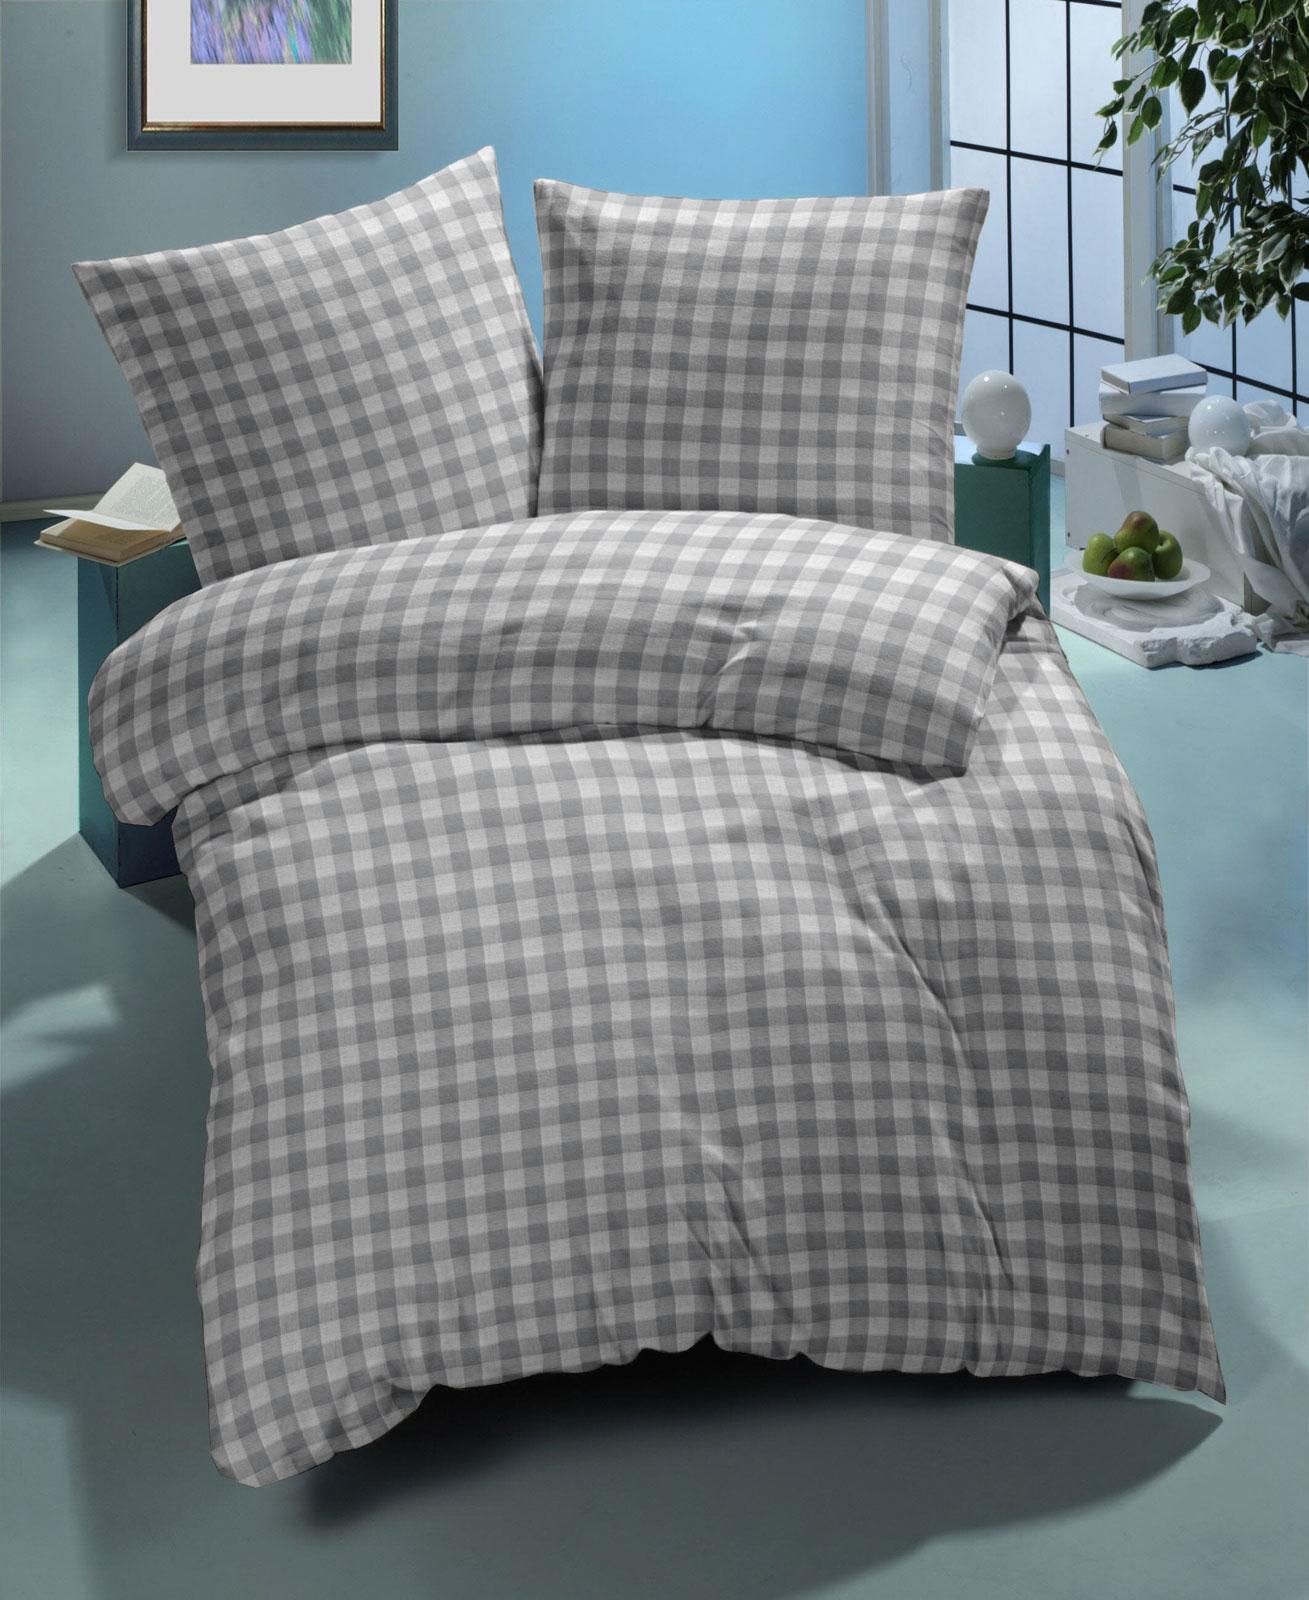 Bettwäsche - Nanette Bettwäsche Landhaus Karo 135x200 80x80 100 Baumwolle buntgewebt grau  - Onlineshop PremiumShop321